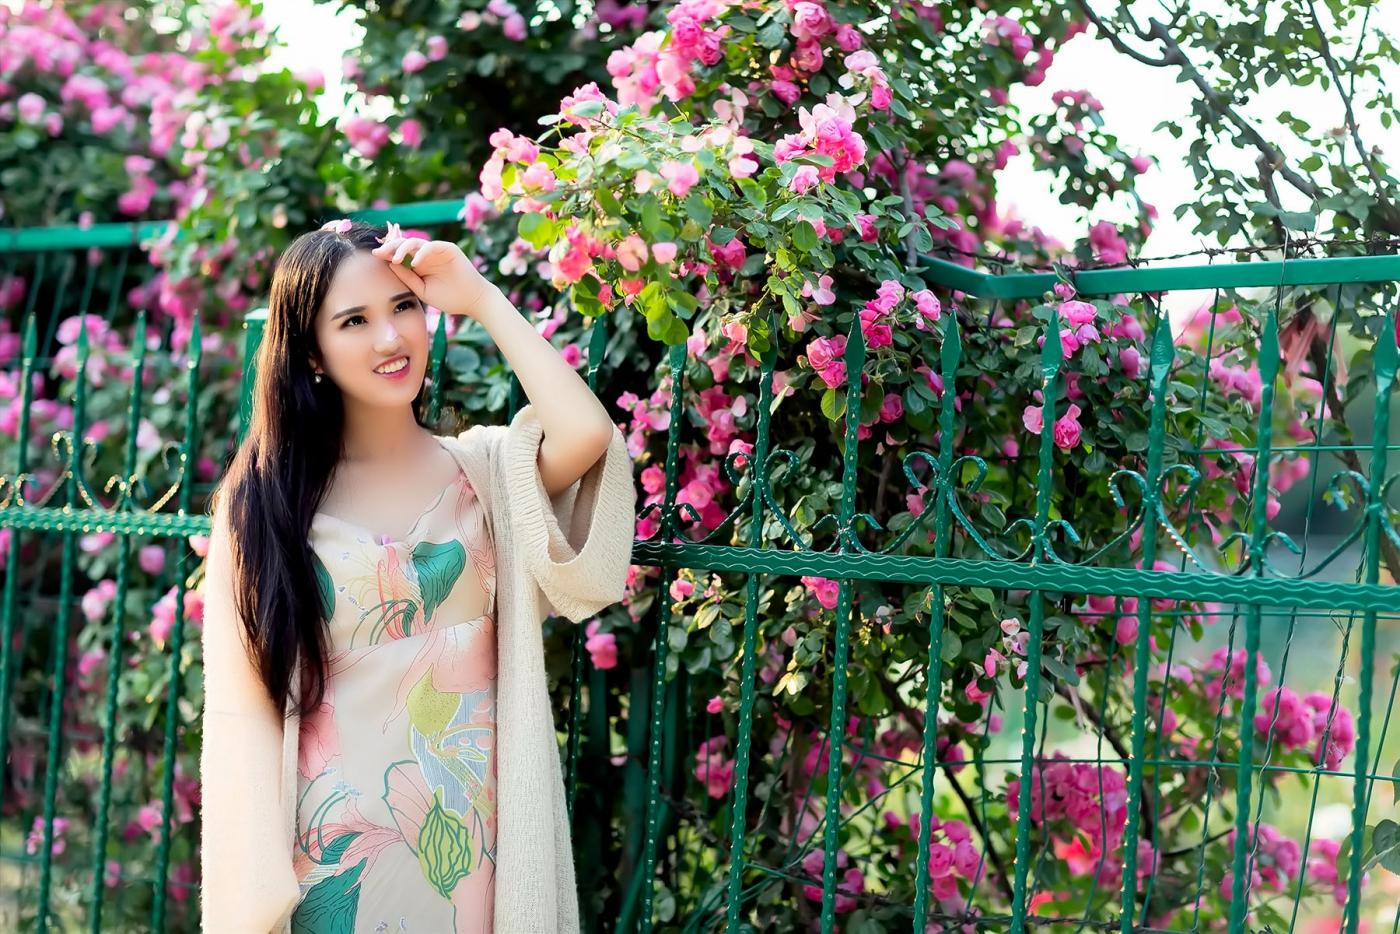 蔷薇·阳光·女孩 去见你想见的人吧_图1-21